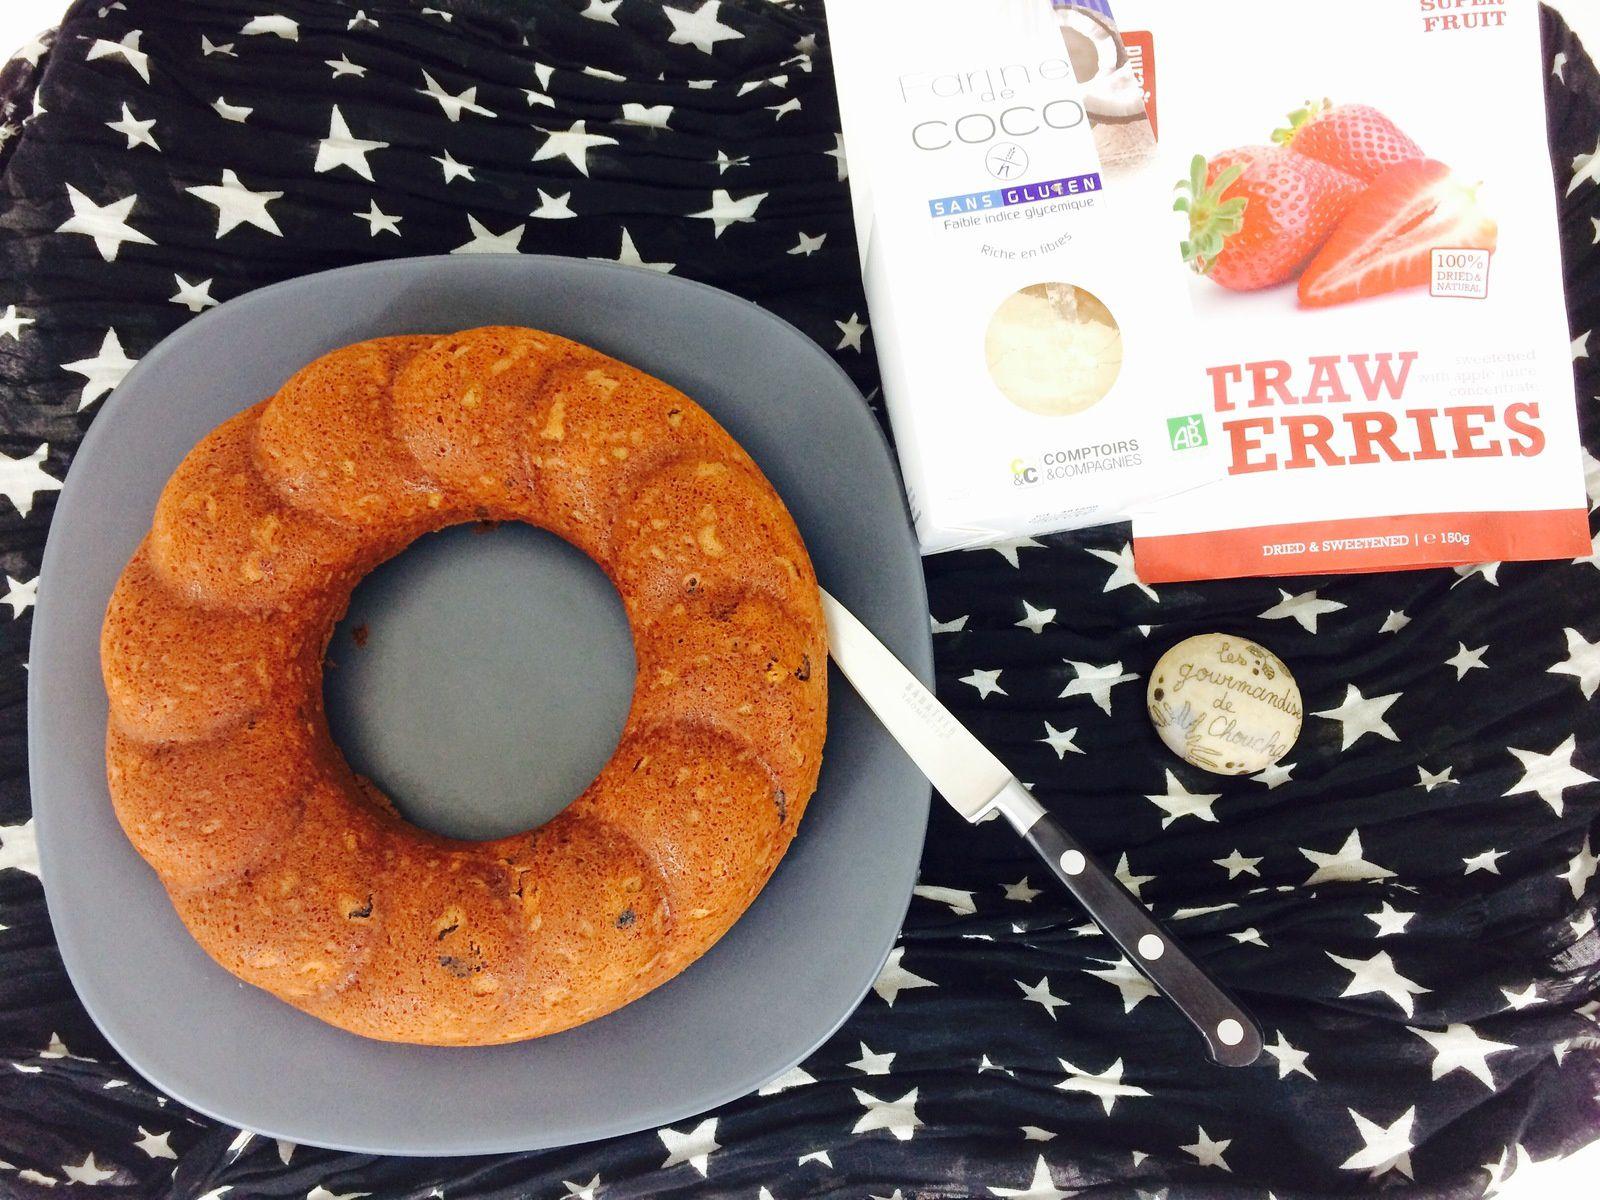 Banana bread et fraises séchées sans gluten  avec mon partenaire Elixanatur.com